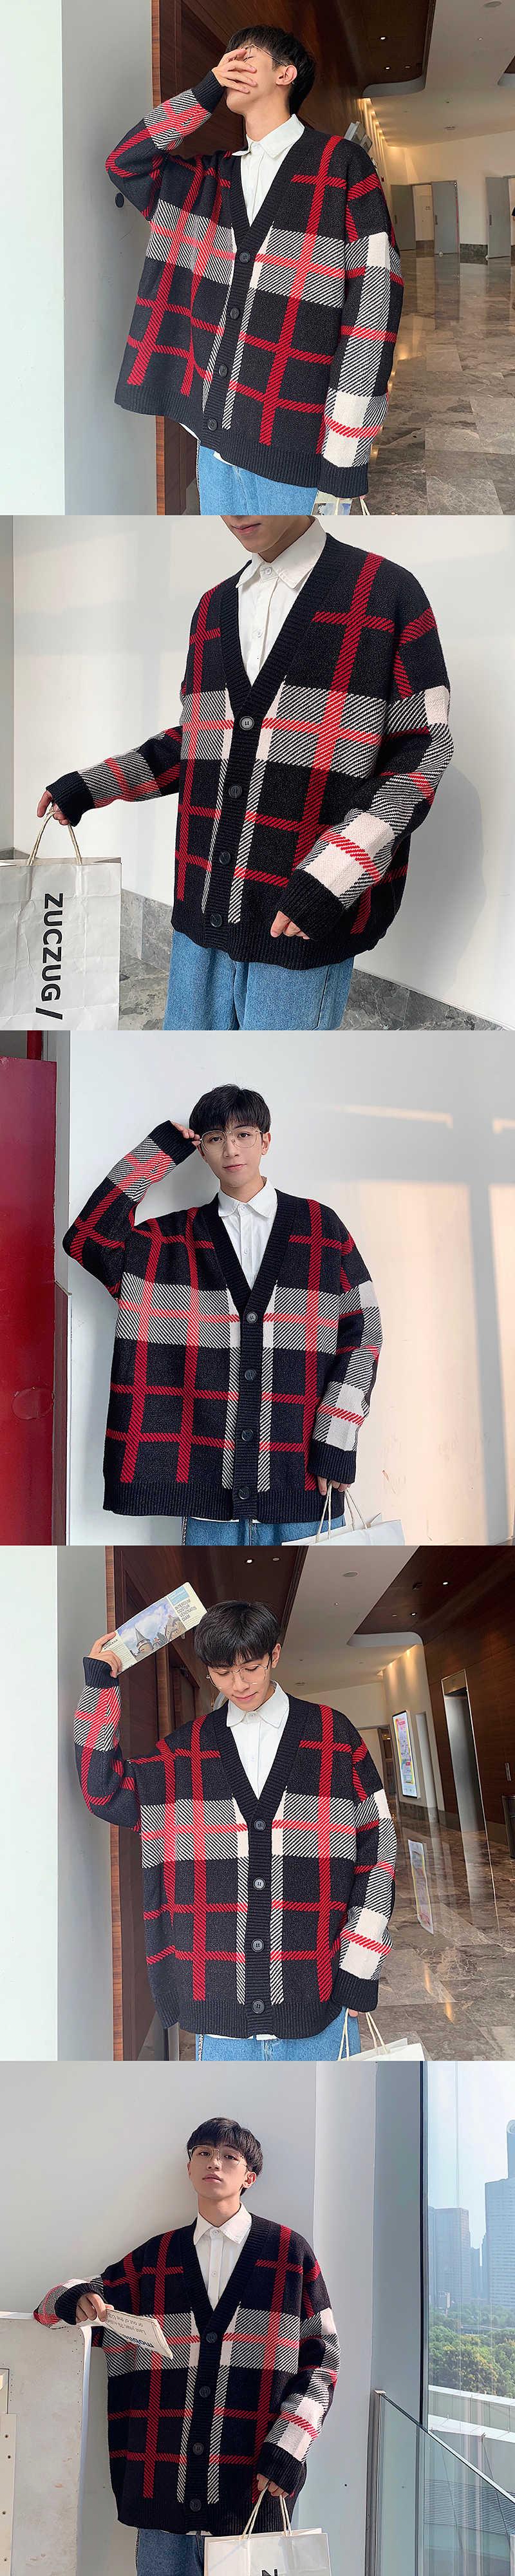 Зимний мужской кардиган, теплый модный ретро повседневный вязаный клетчатый свитер, Мужская Уличная одежда, свободный свитер, пальто, мужская одежда